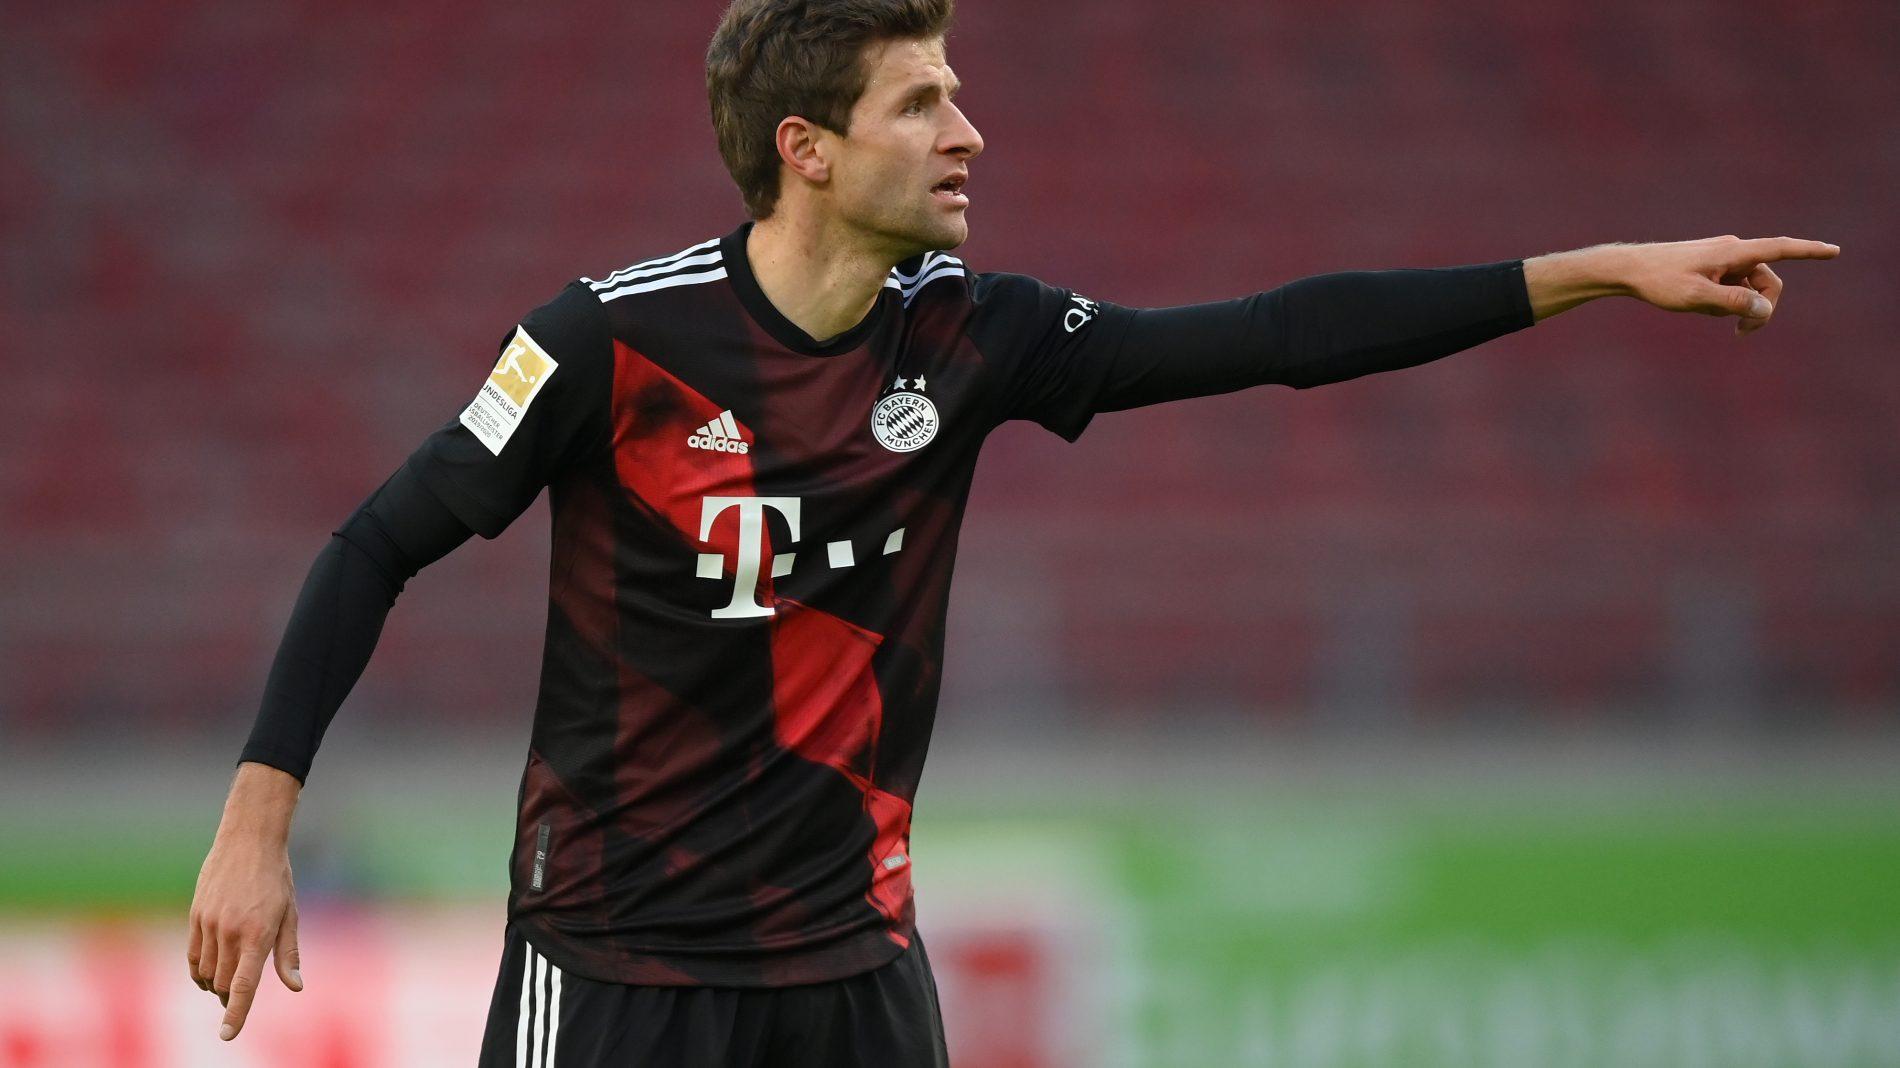 赫韦德斯:拜仁已在漫长赛季里展现出心理和身体上的疲态